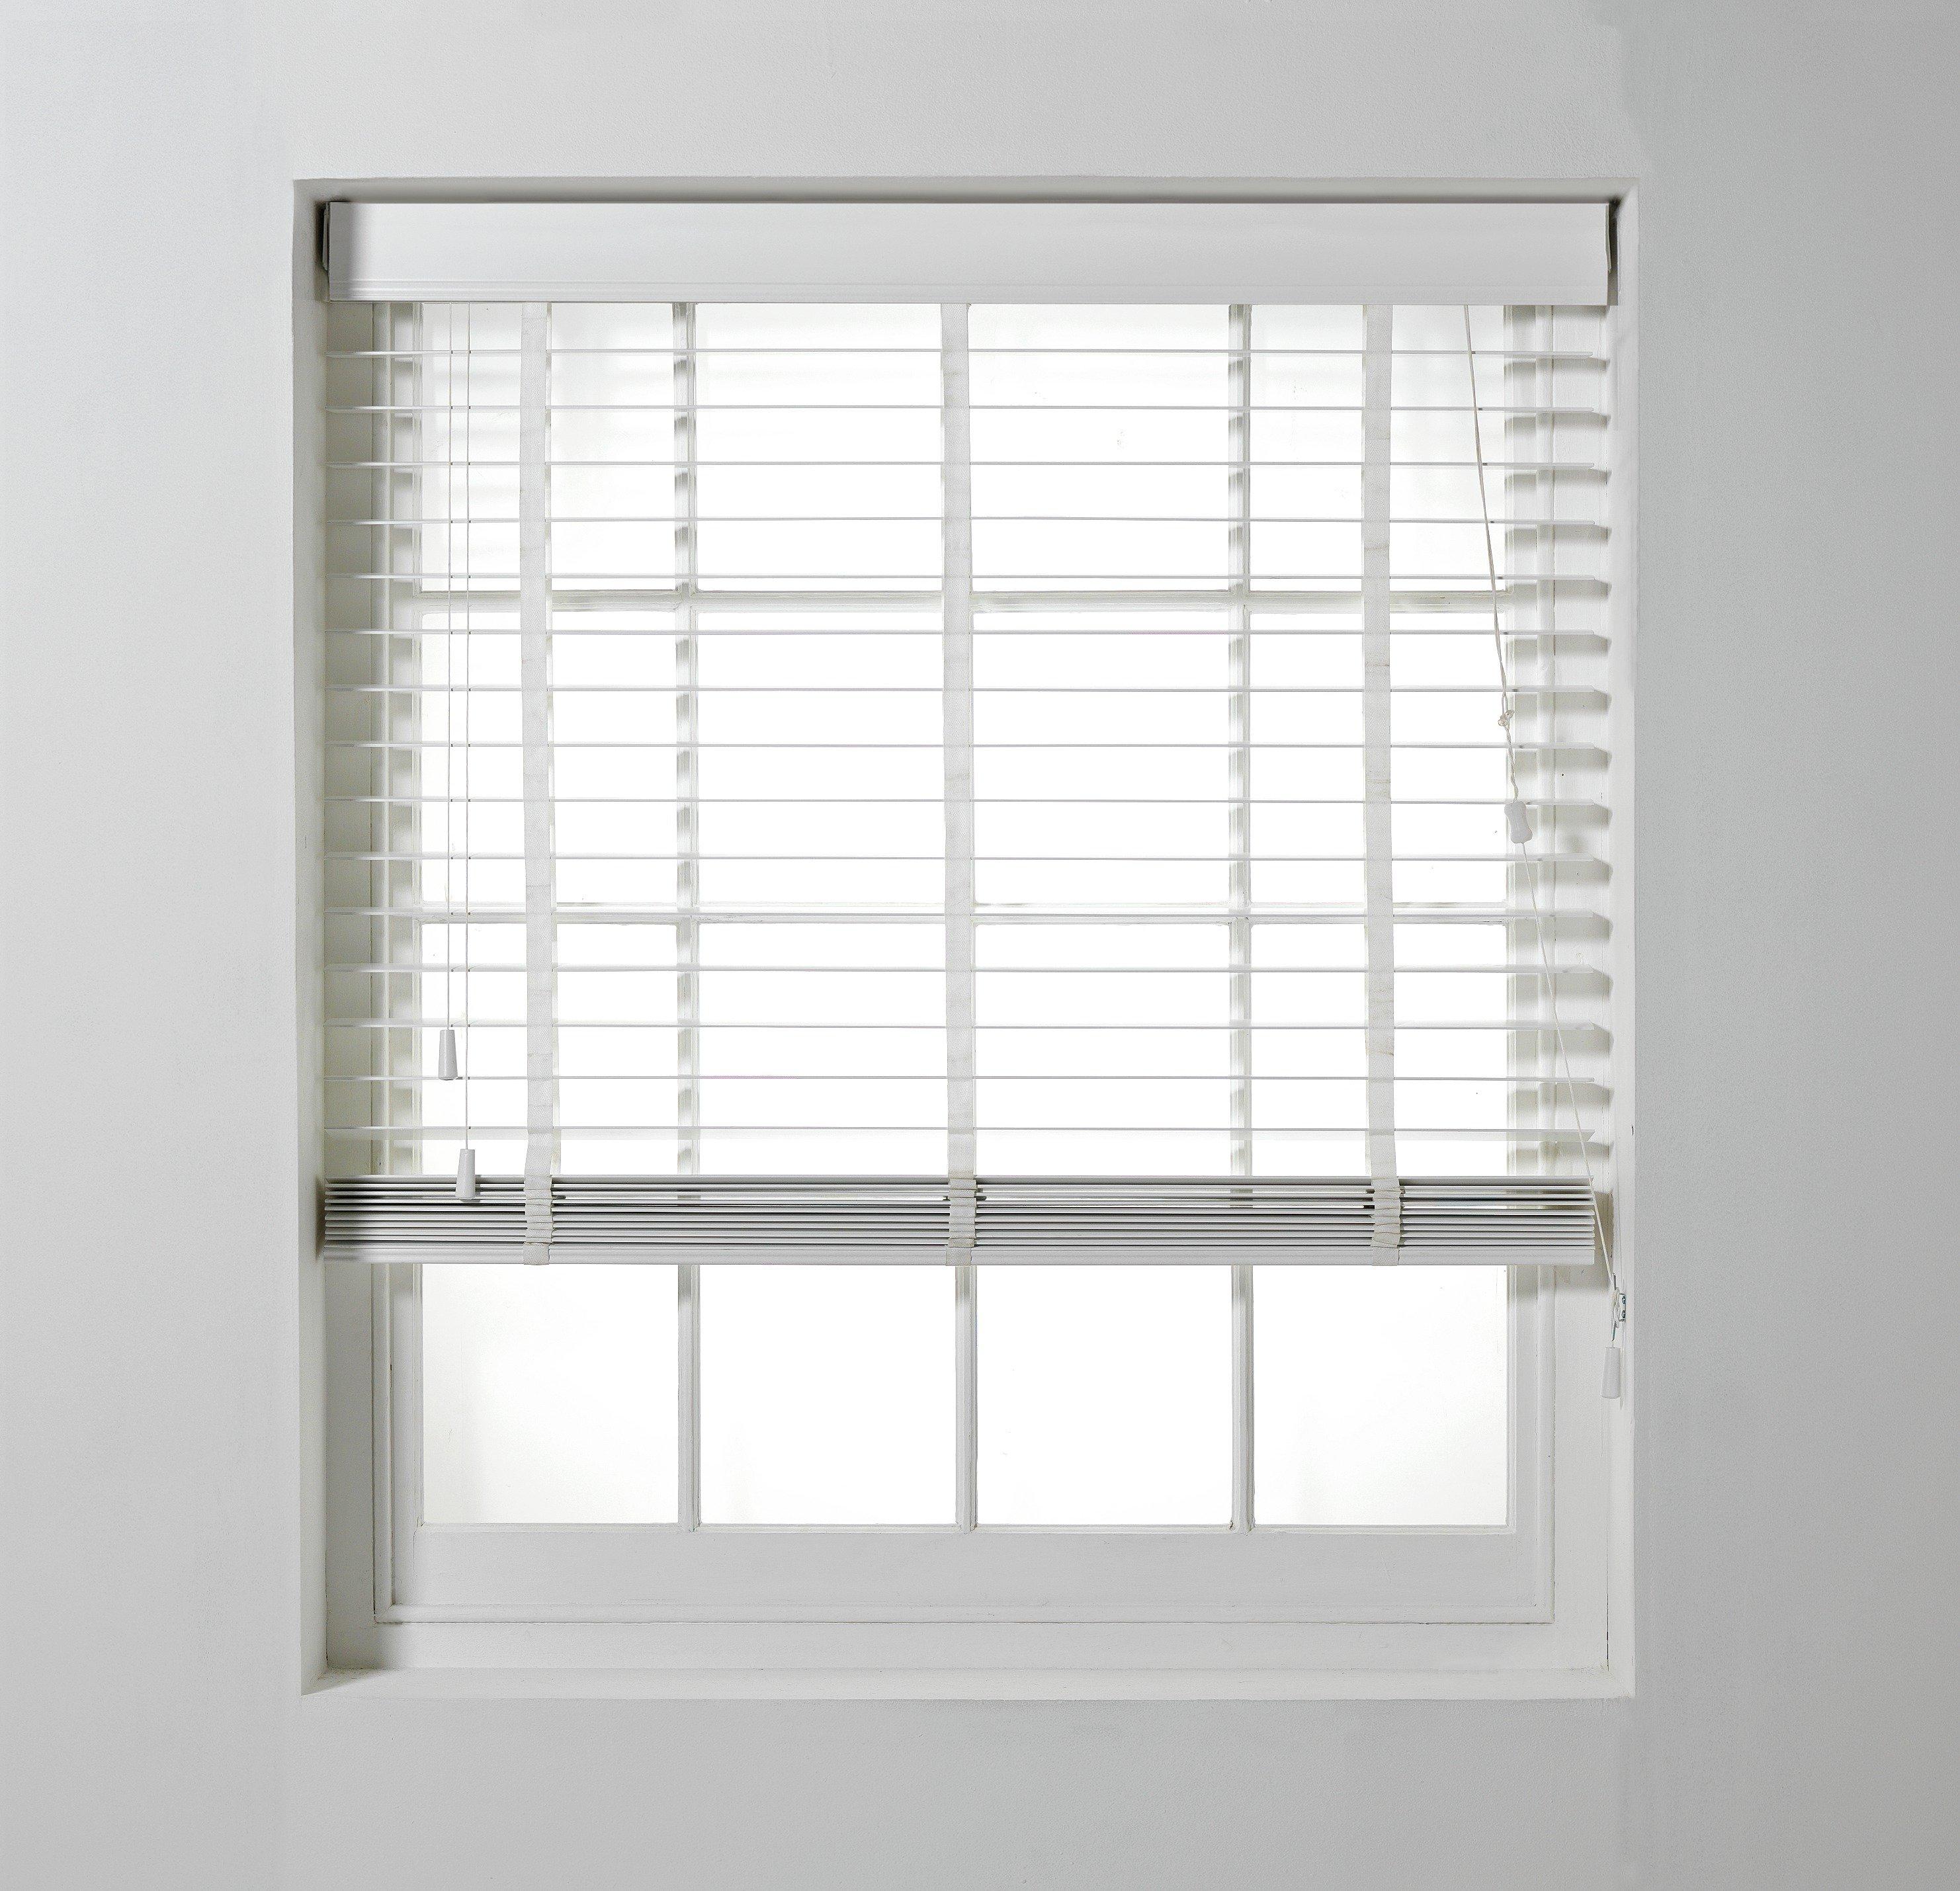 heart-of-house-shutter-effect-blind-90x160cm-white